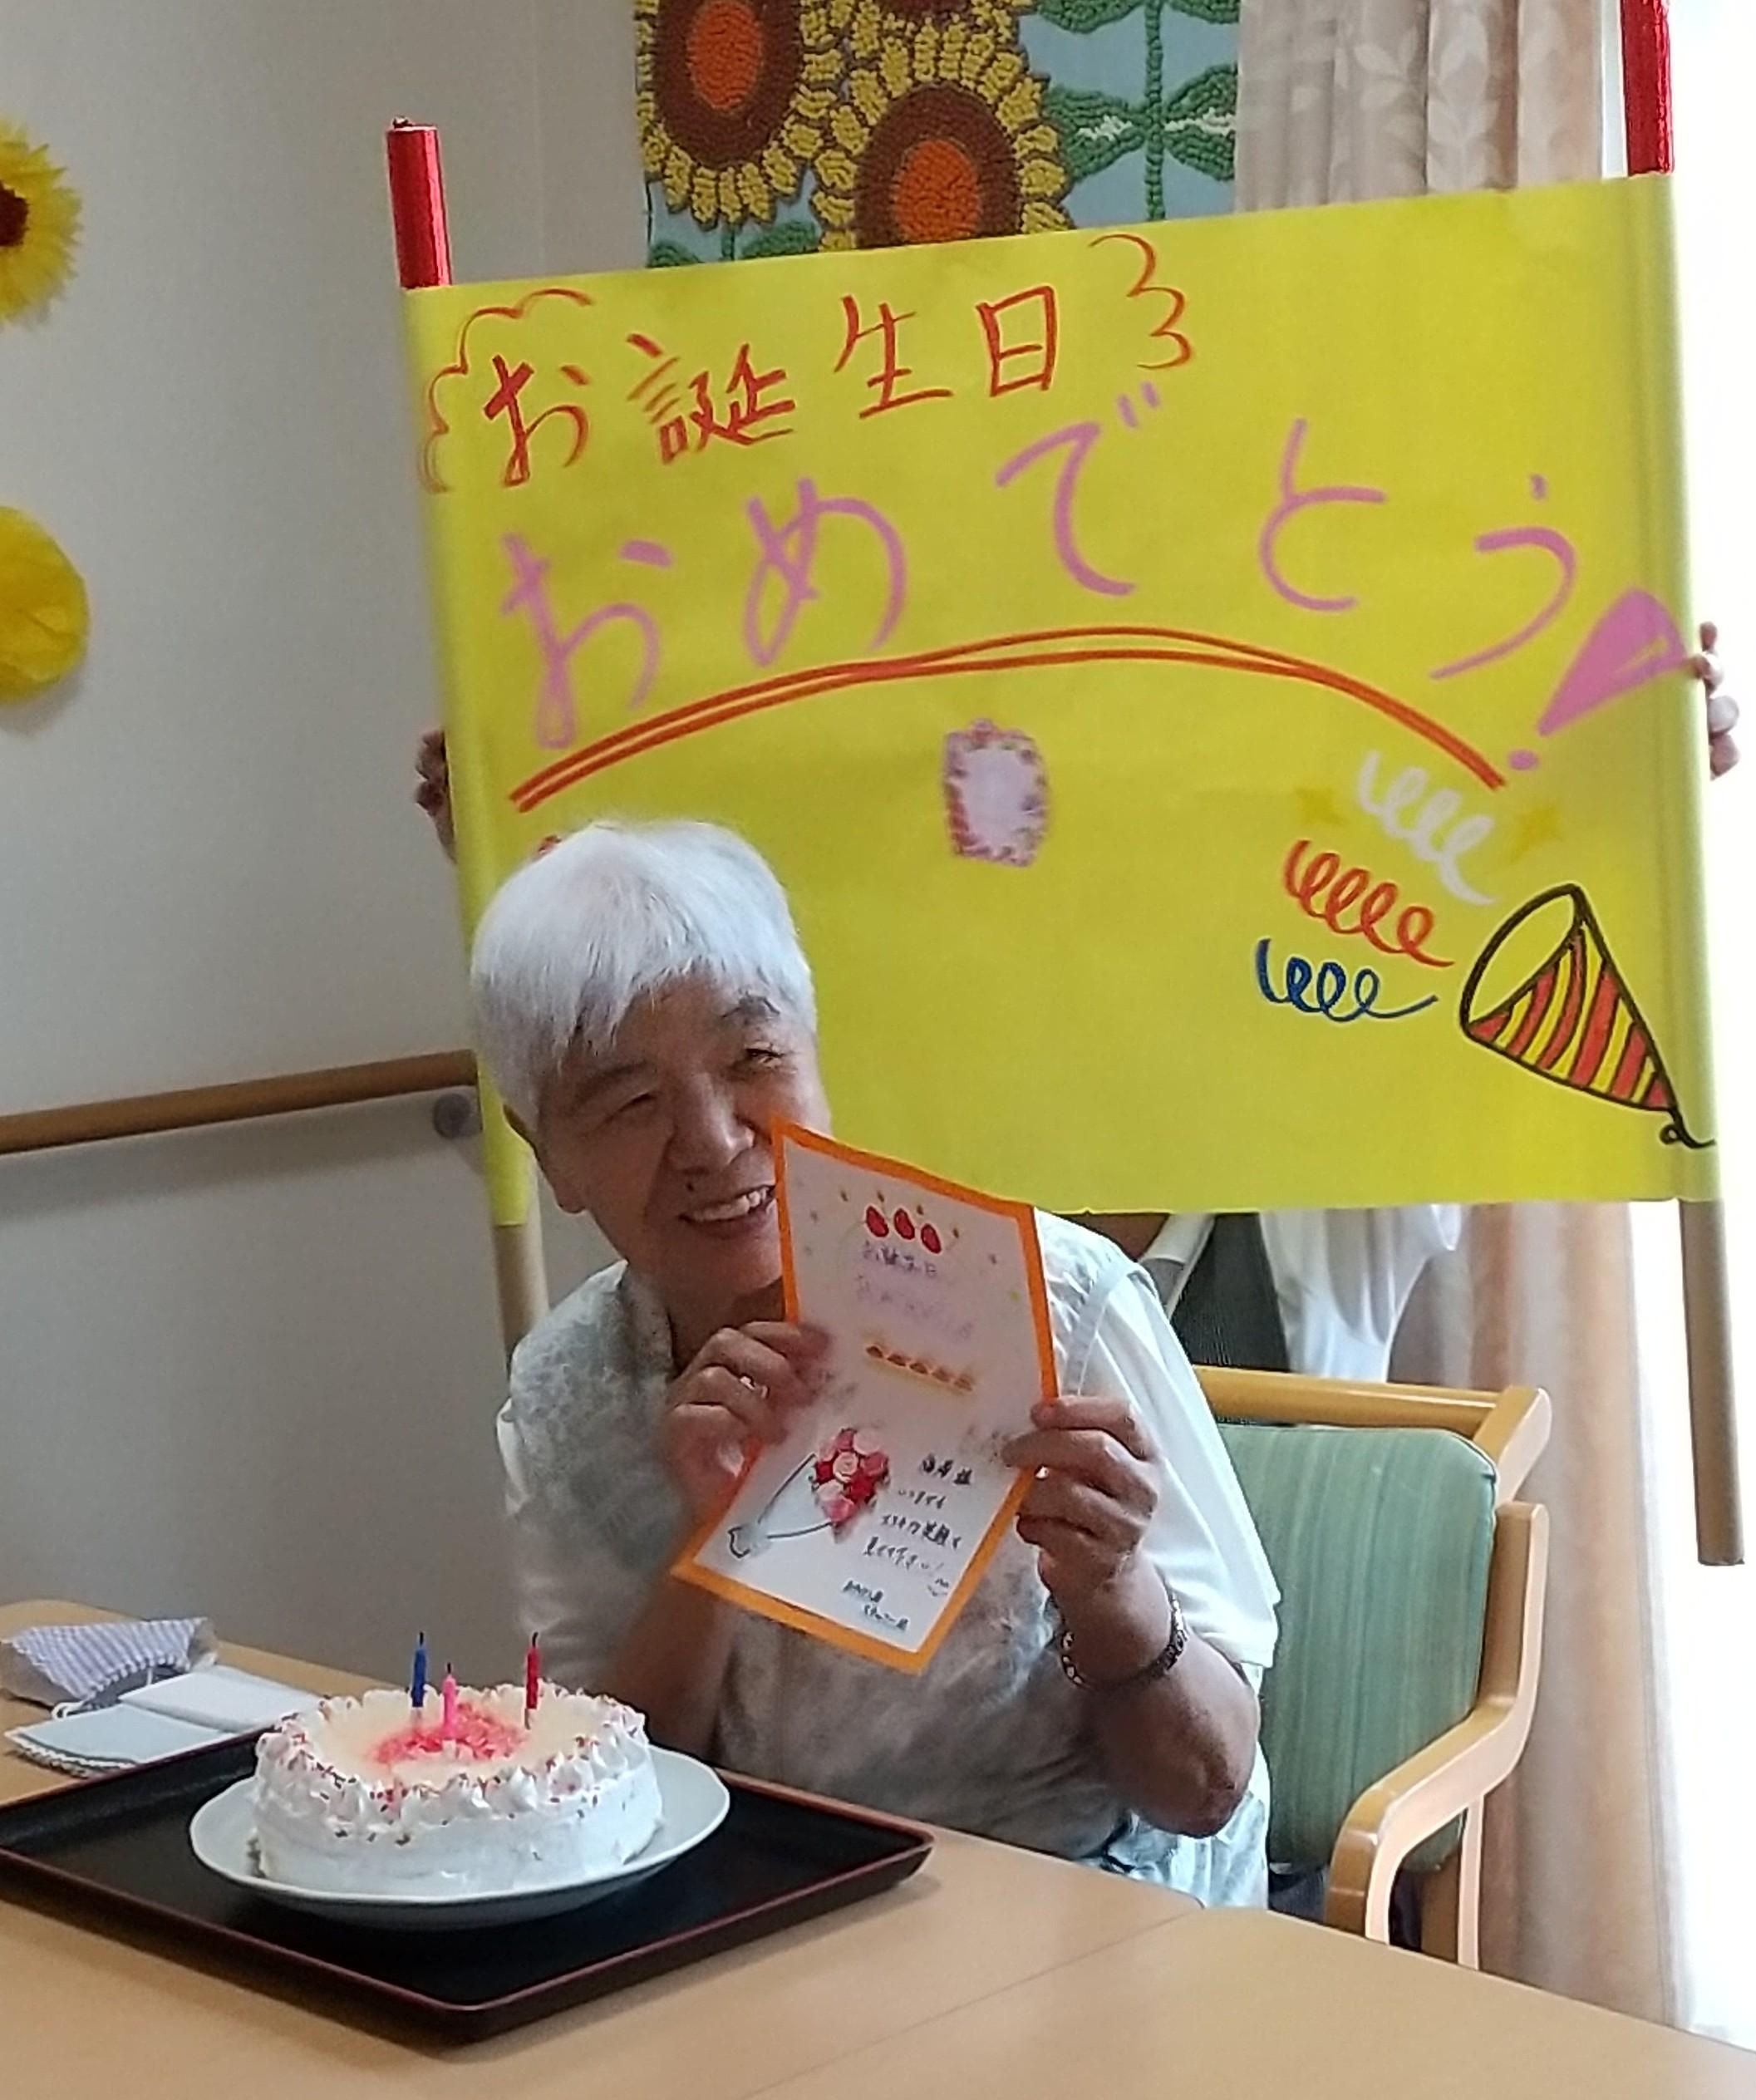 https://blog.magokorokaigo.com/staffblog/iruma-sh/CENTER_0001_BURST20210720131317795_COVER_2.JPG